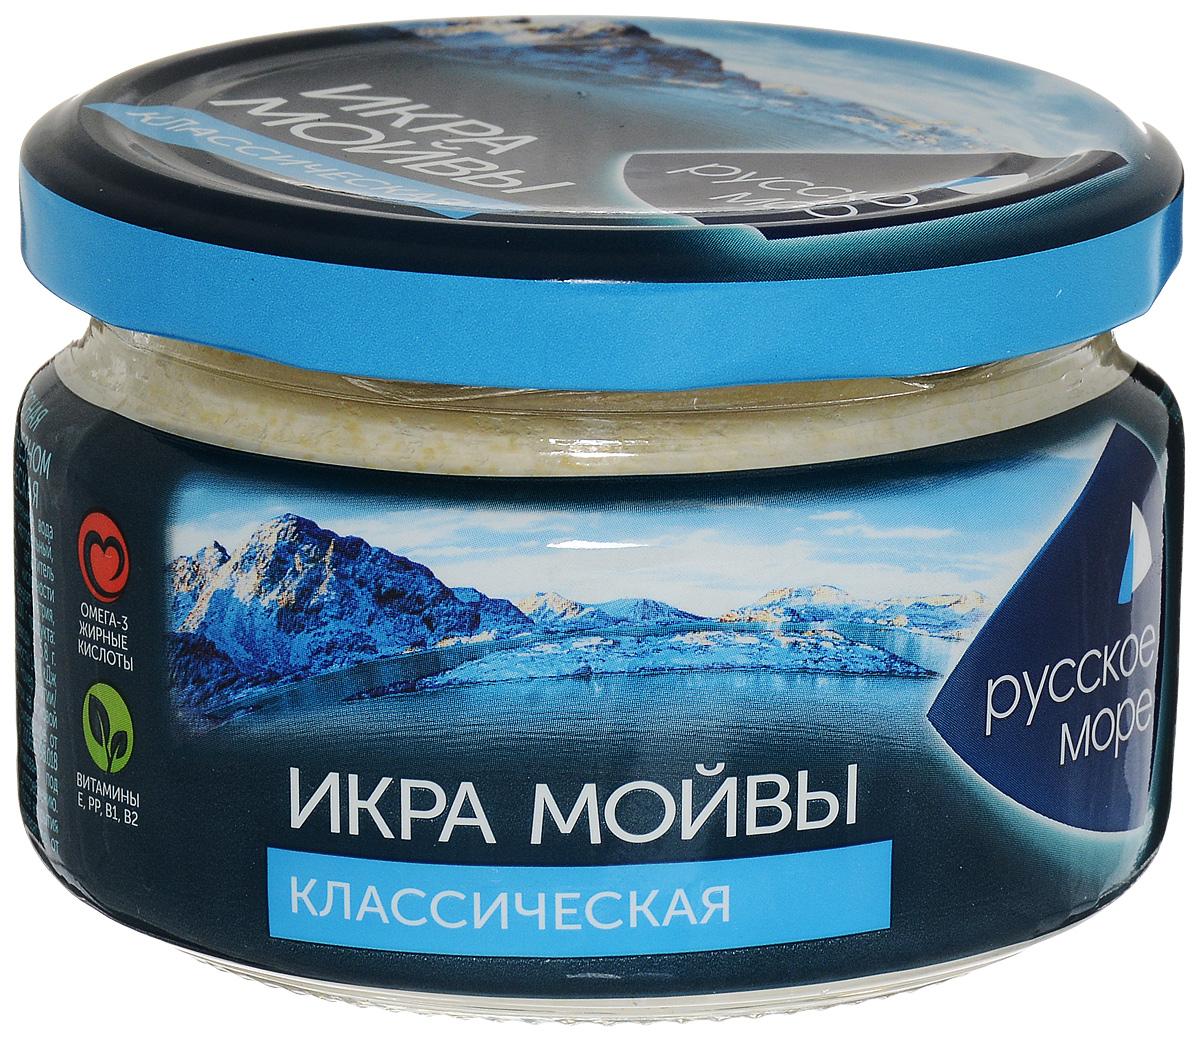 Русское Море Икра Мойвы в майонезном соусе, классическая, 165 г